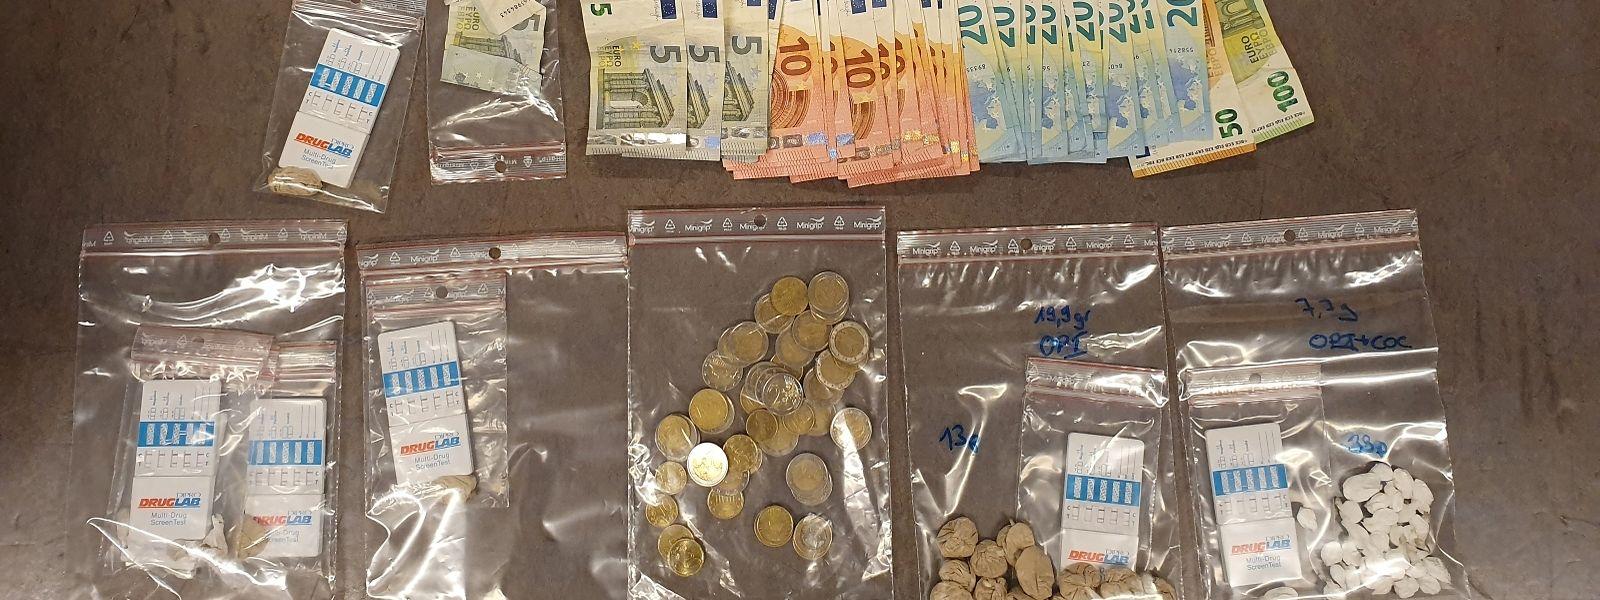 Sichergestellte Drogen und Bargeld.